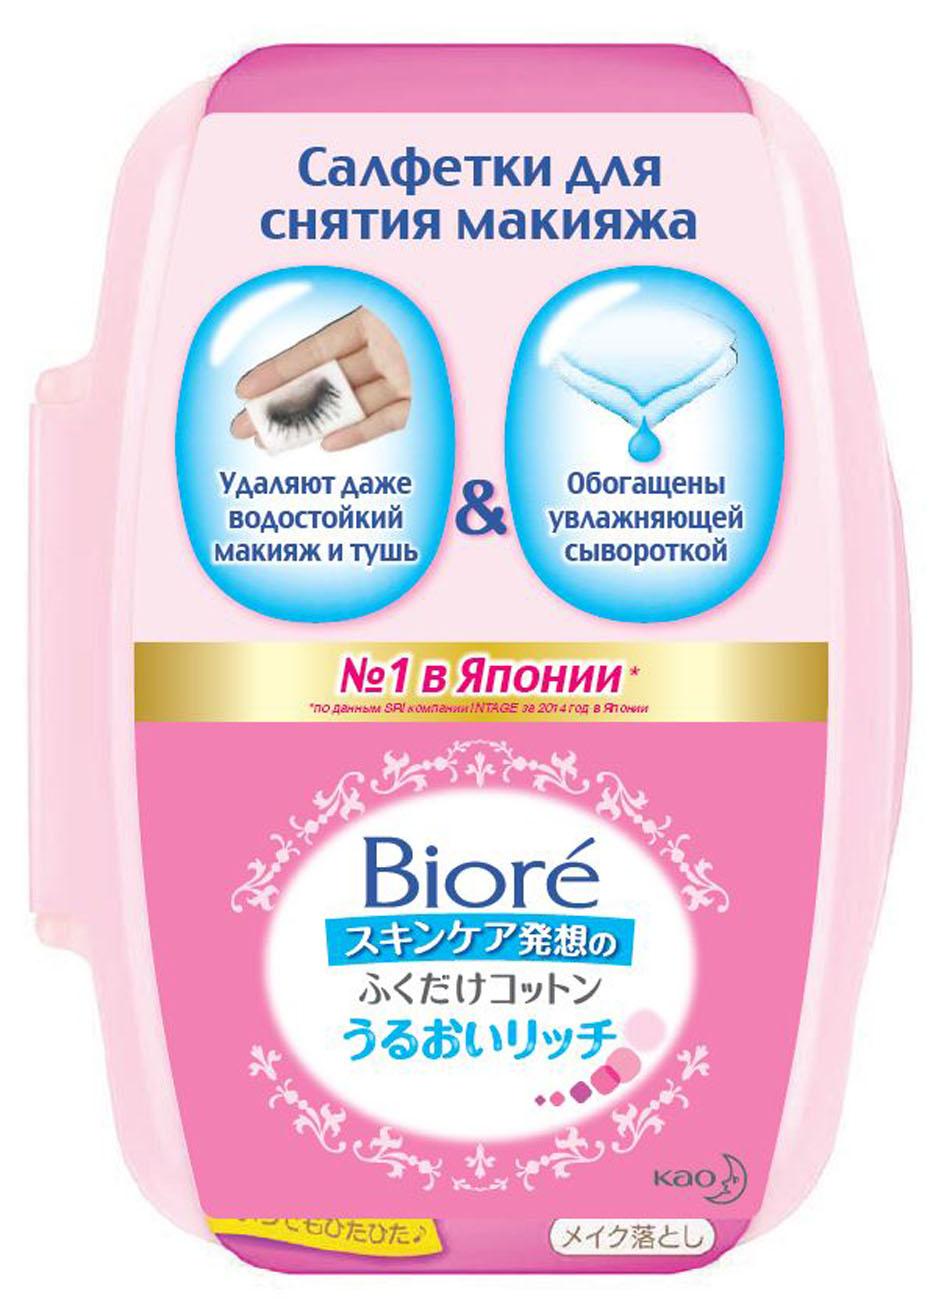 Biore Салфетки для снятия макияжа 44 шт10023248Возьмите пропитанную салфетку и бережно протрите кожу. Быстро и эффективно уладяет макияж и другие загрязнения. Салфетки, пропитанные увлажняющей сывороткой, очищают и освежают кожу, сохраняя ее увлажненной. Кожа увлажнена на всю ночь без применения кремов. Подходят для всех типов кожи. Гипоаллергенны. Удаляют водостойкий макияж и тушь, особенны удобны, когда вы устали. Салфетки незаменимы в путешествиях. Герметичный бокс предотвращает их высыхание . Материал гладкий, мягкий, плотный. ПРОПИТКА насыщенная. Внутренний слой из целлюлозы удерживает большое количество сыворотки – 4,0 грамма, делает салфетку плотной, внешние слои из хлопка создают гладкую поверхность. ЗАПАХ легкий, не раздражающий. Не содержат спирта и искусственных красителей, что очень важно для кожи. Для Вас доступны сменные блоки в эко-упаковке.